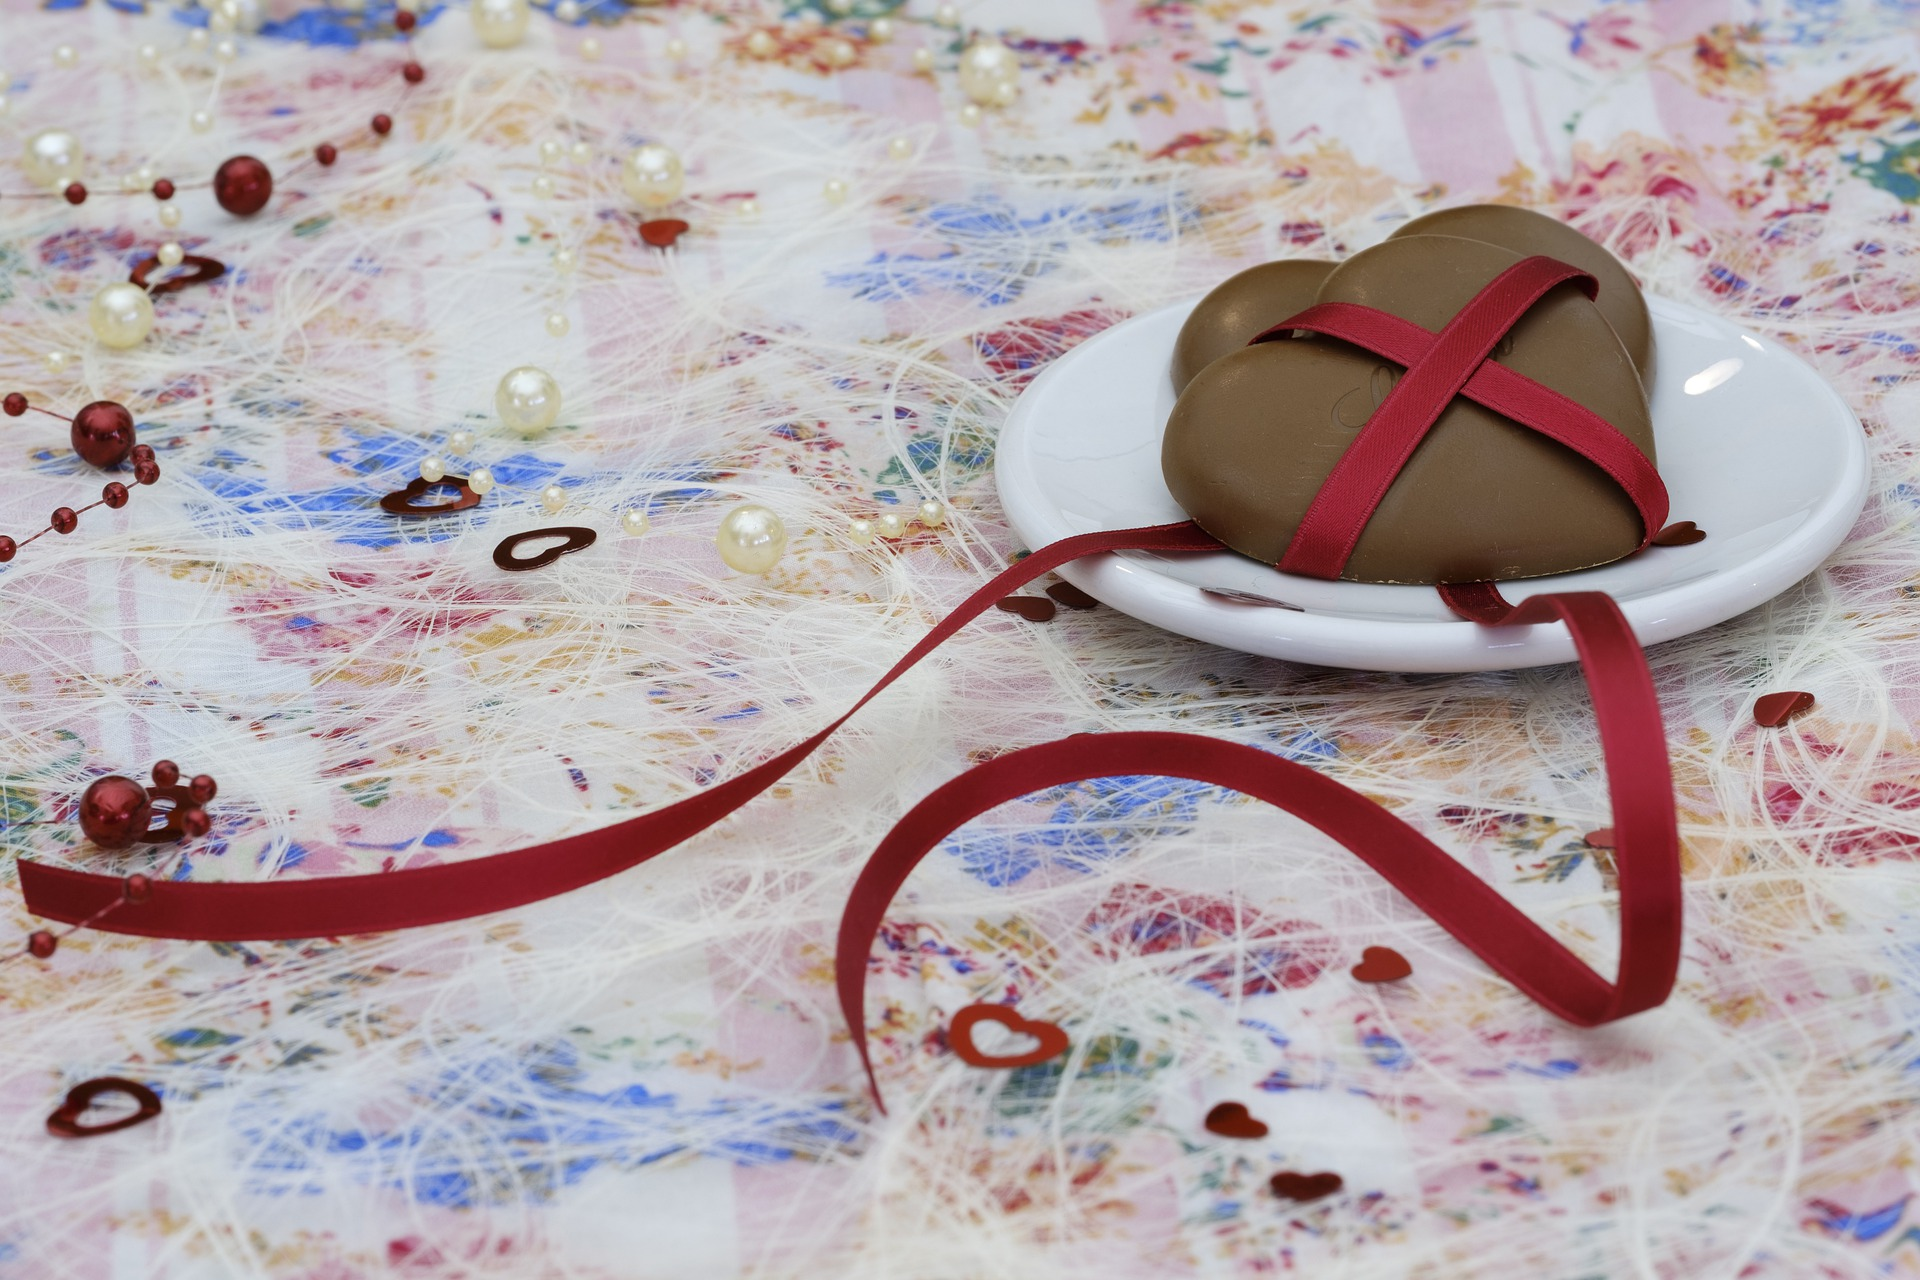 人生の中でも1番辛かった告白すら伝えられなかったバレンタインの失敗の体験談